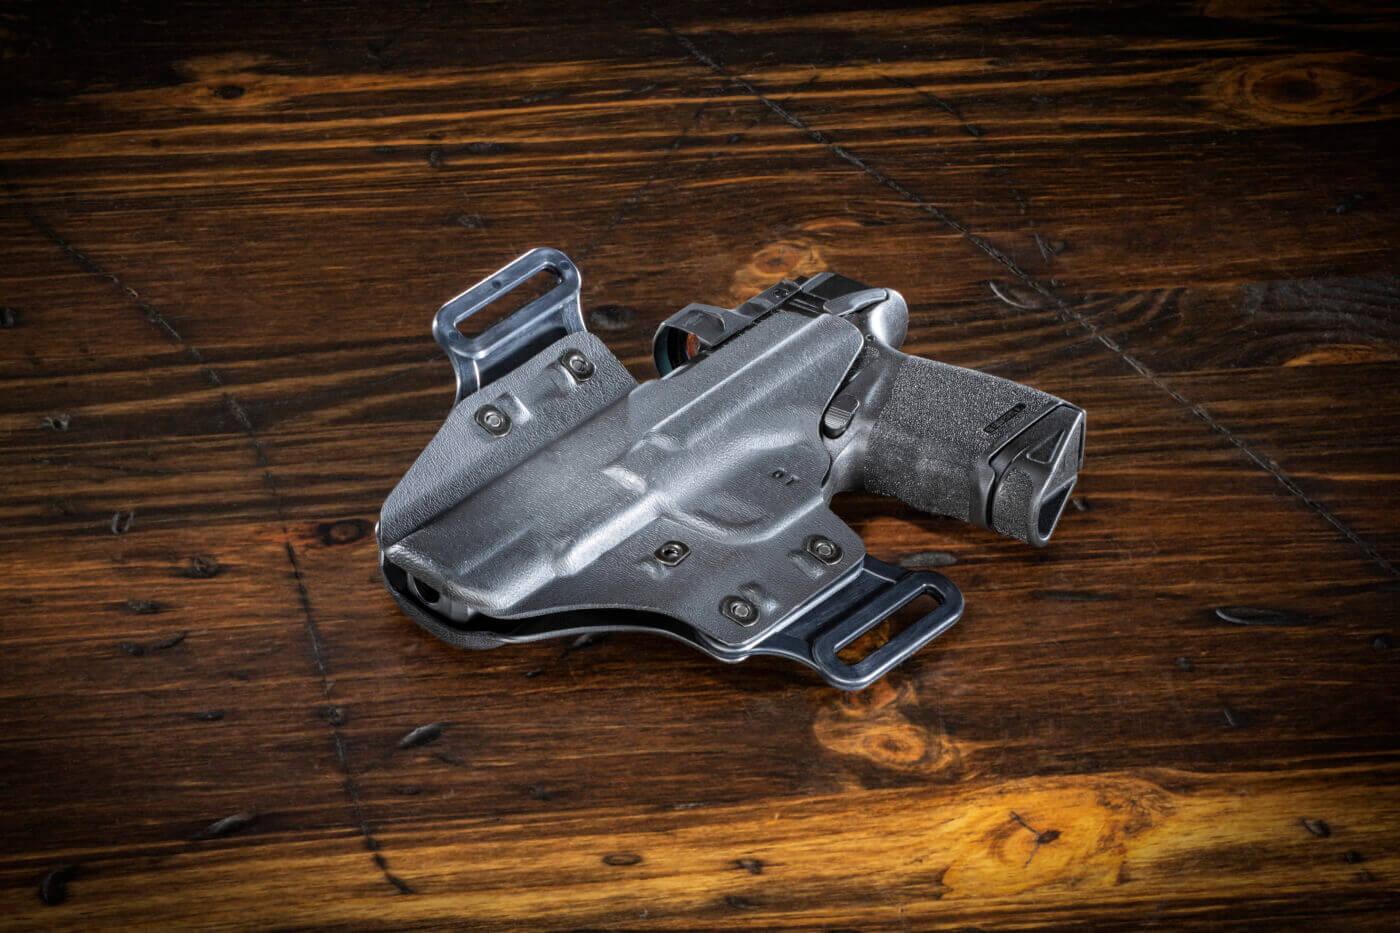 DeSantis kydex holster with Hellcat pistol